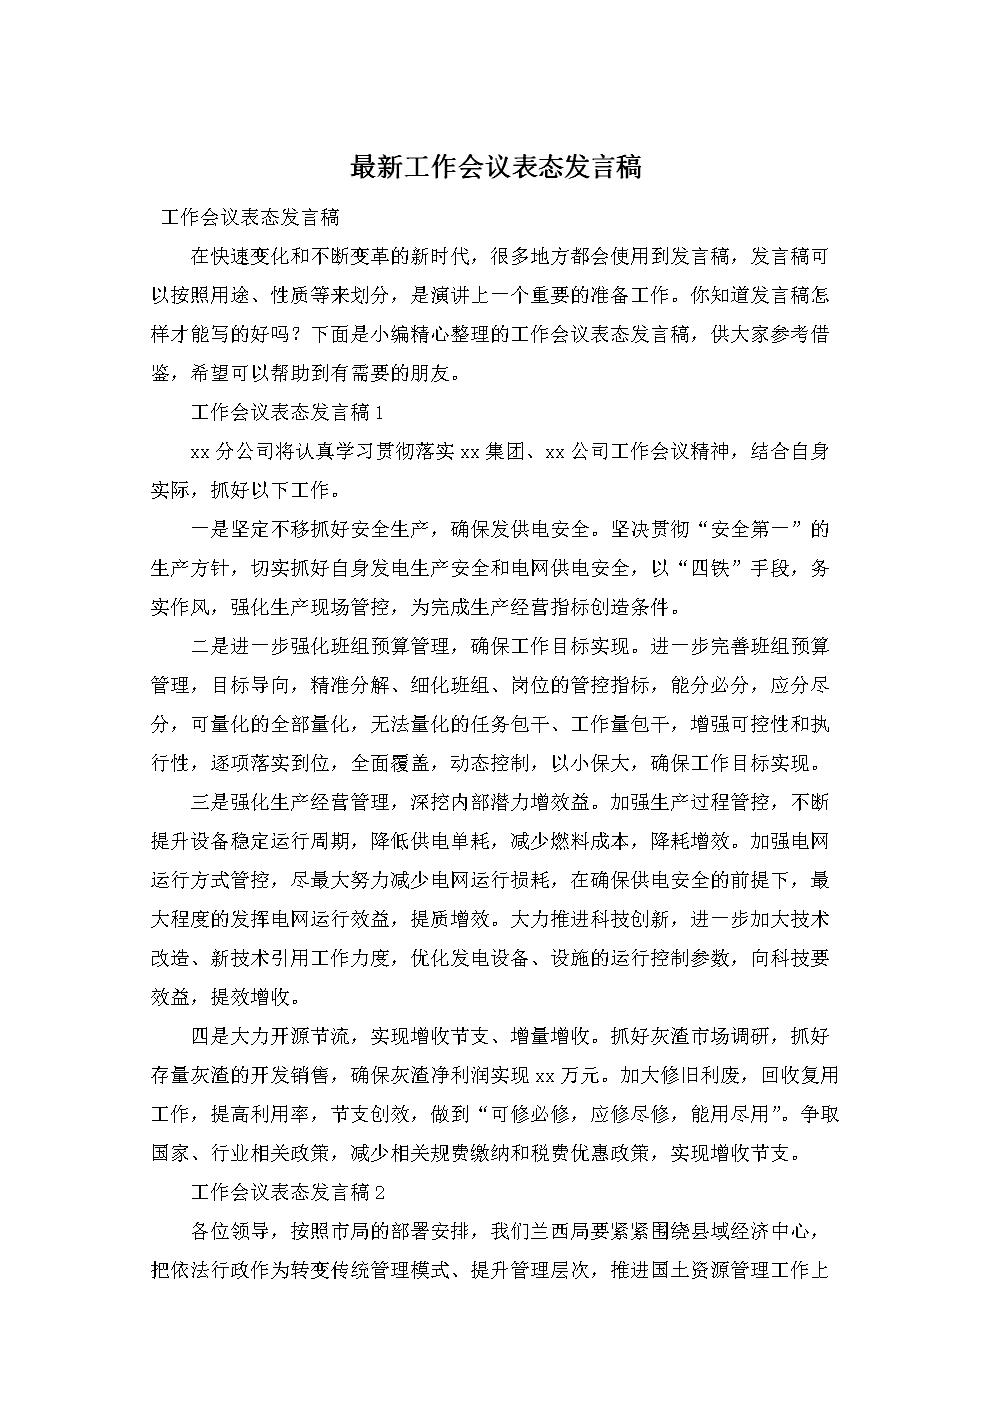 最新工作会议表态发言稿.doc